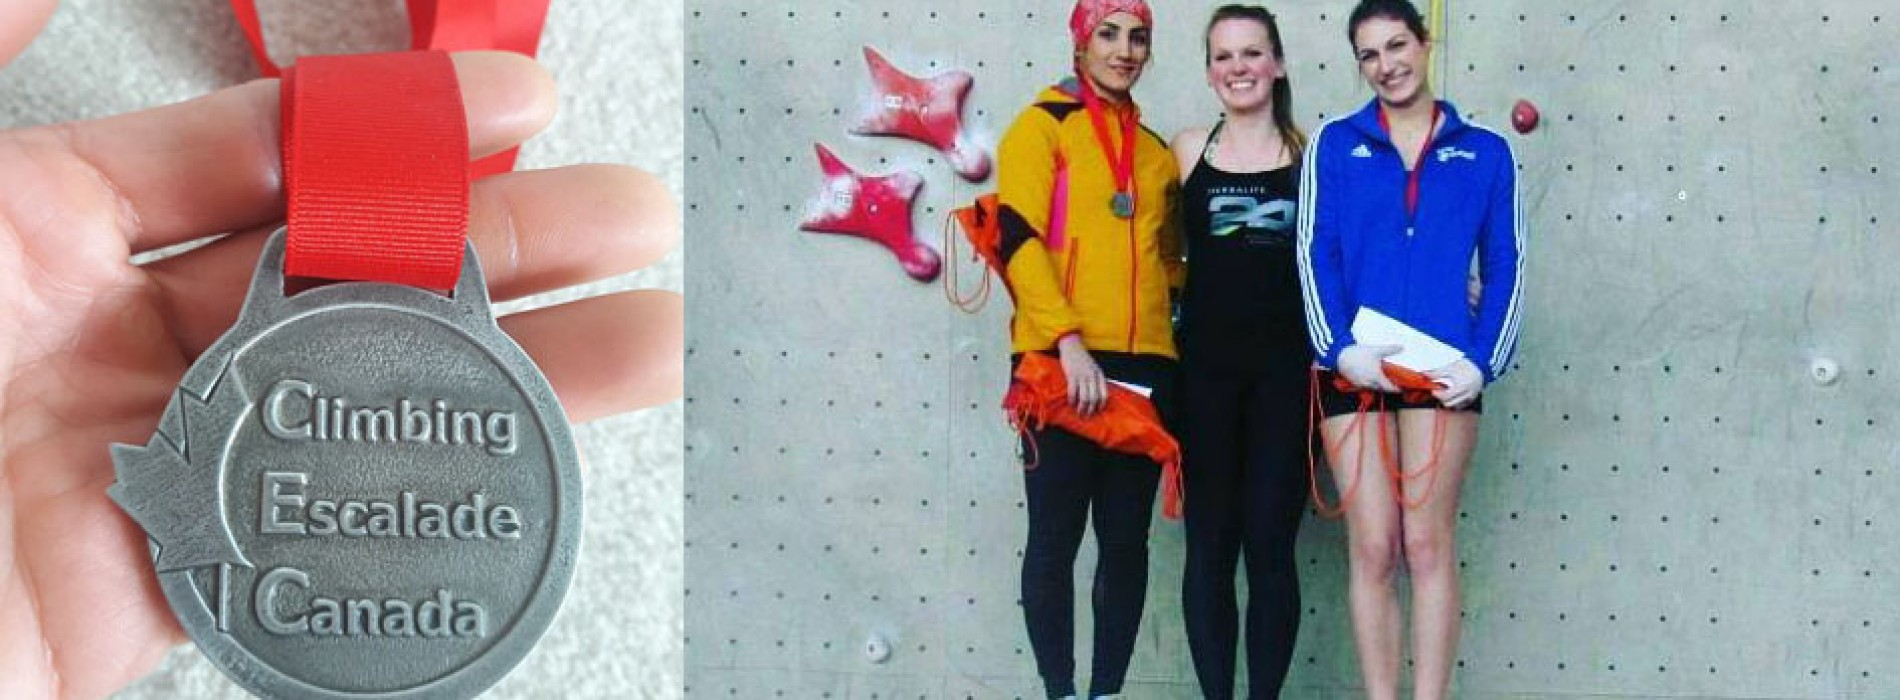 «فرناز اسماعیل زاده»:  کسب مدال نقره مسابقات سرعت کانادا